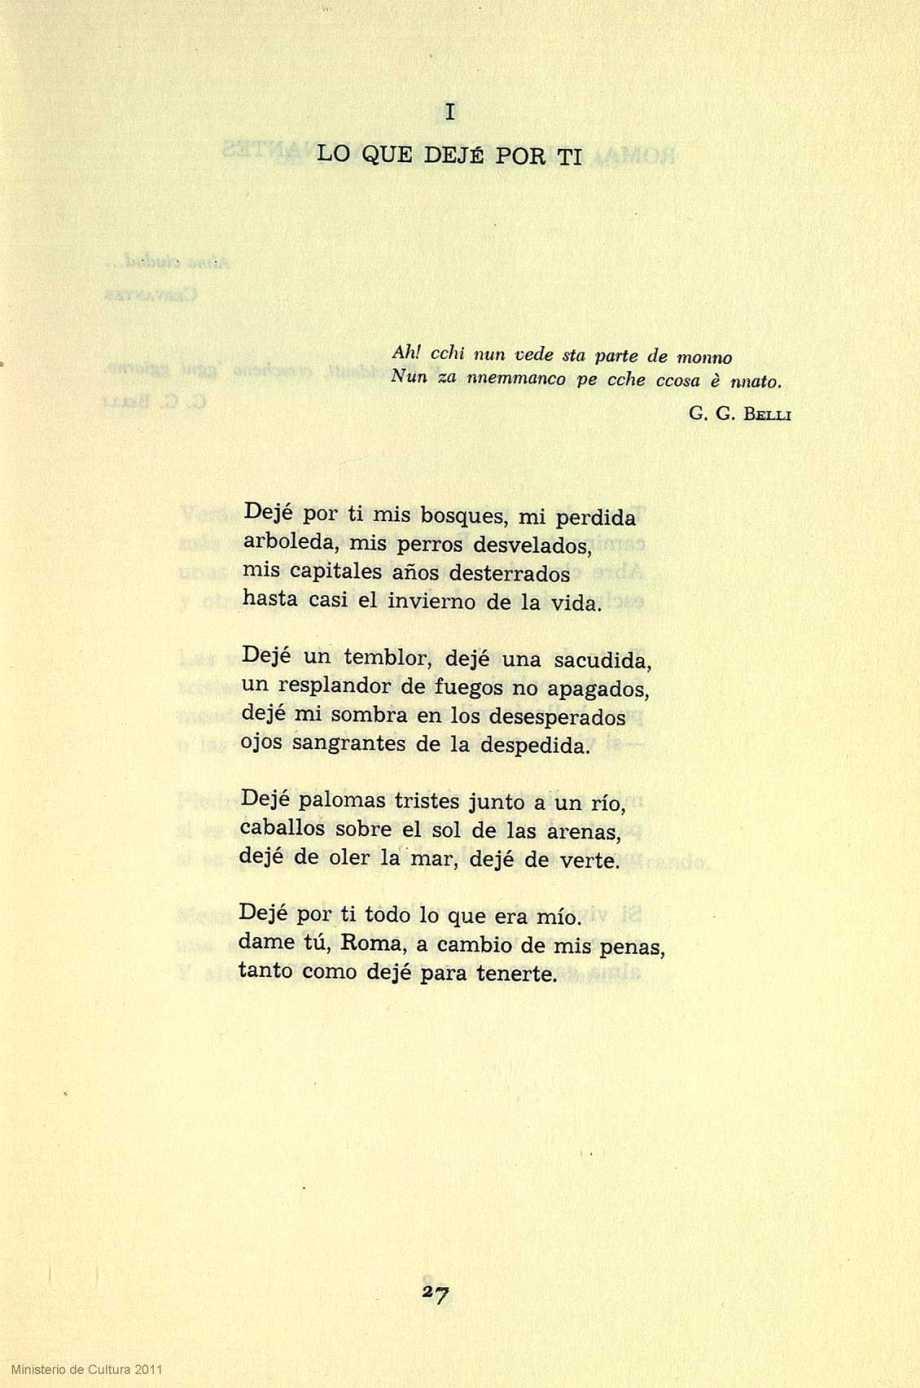 Alberti soneto Lo que dejé por ti